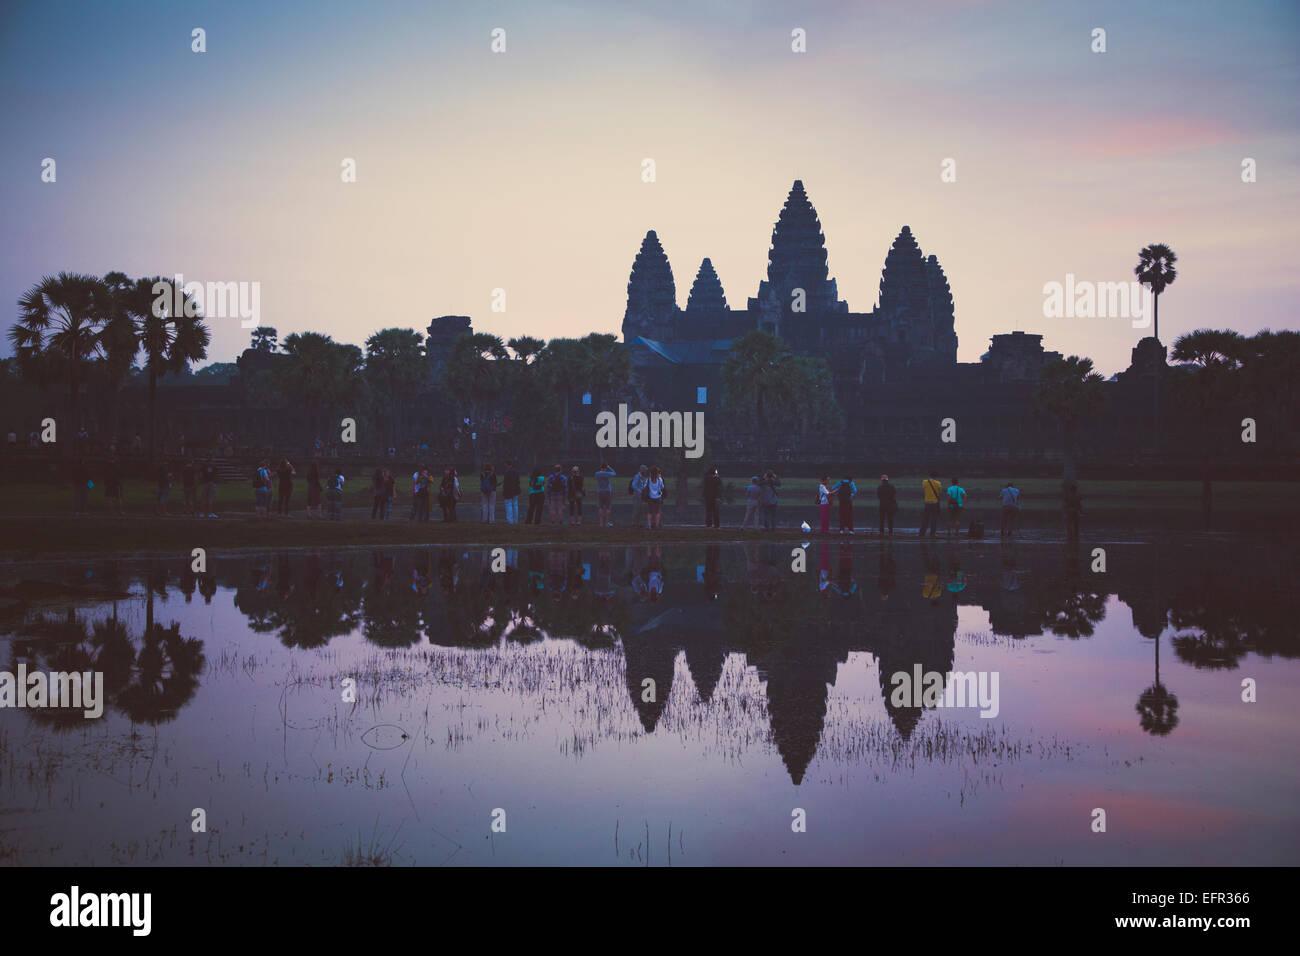 Tempel von Angkor Wat, Angkor, Kambodscha. Stockbild